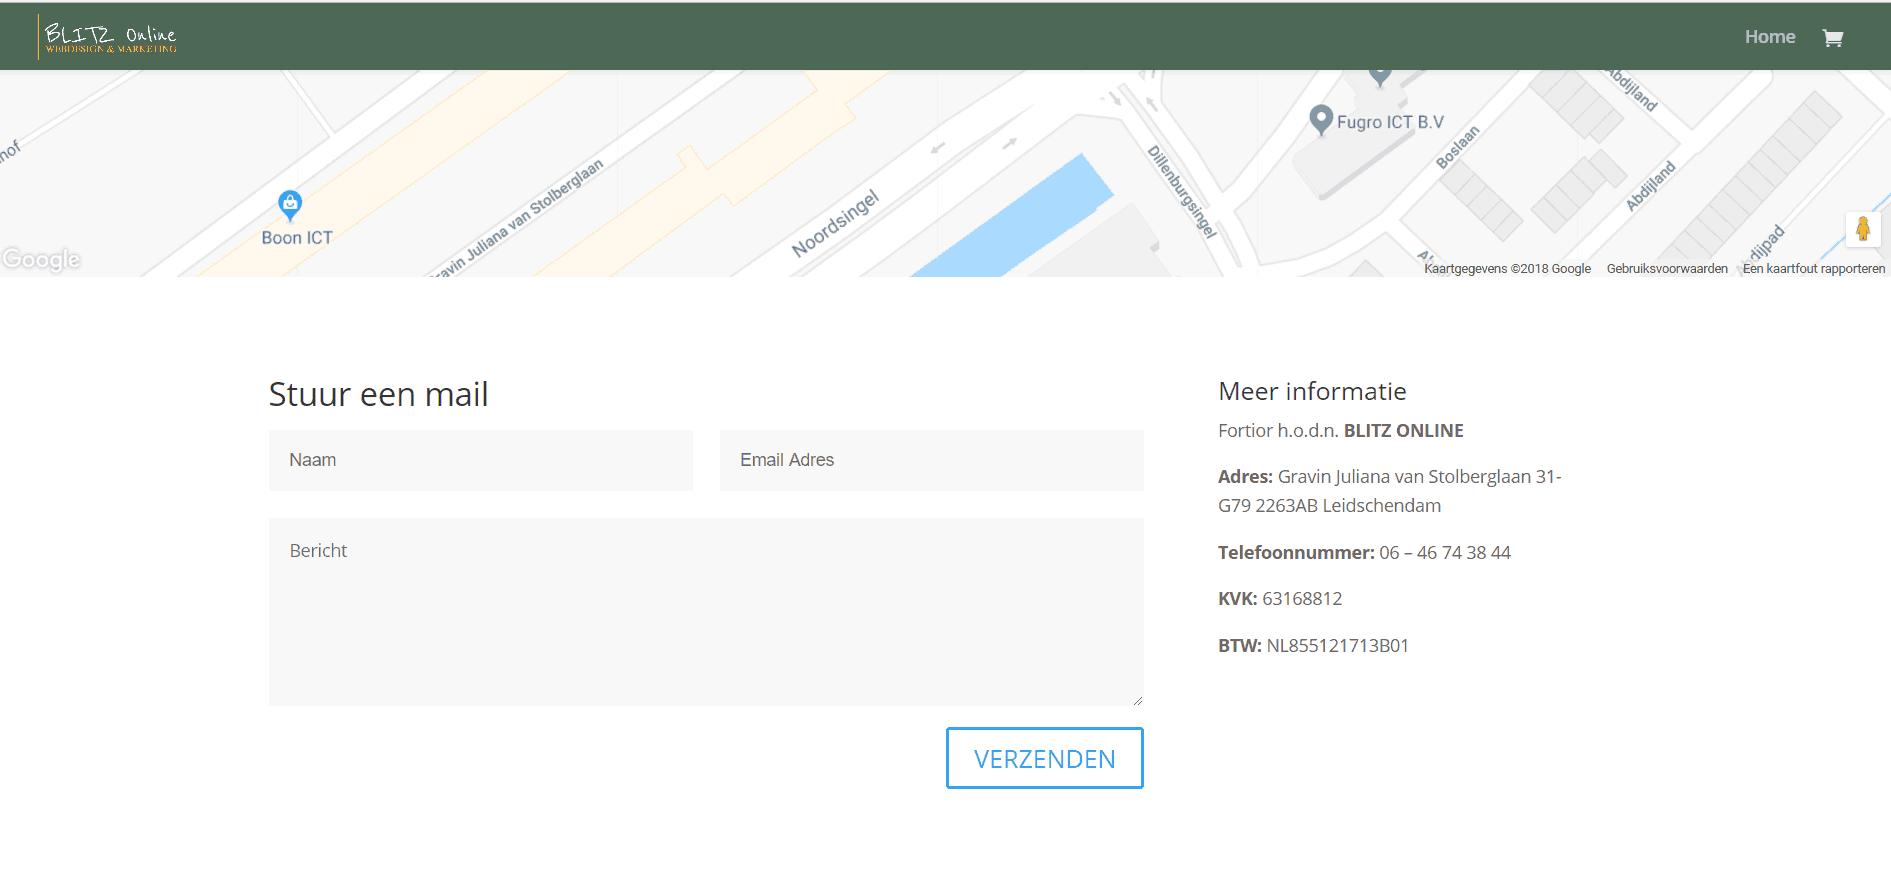 Fortior handelend onder de naam Blitz Online zelfde adres als Zusy Web Services in Leidschendam